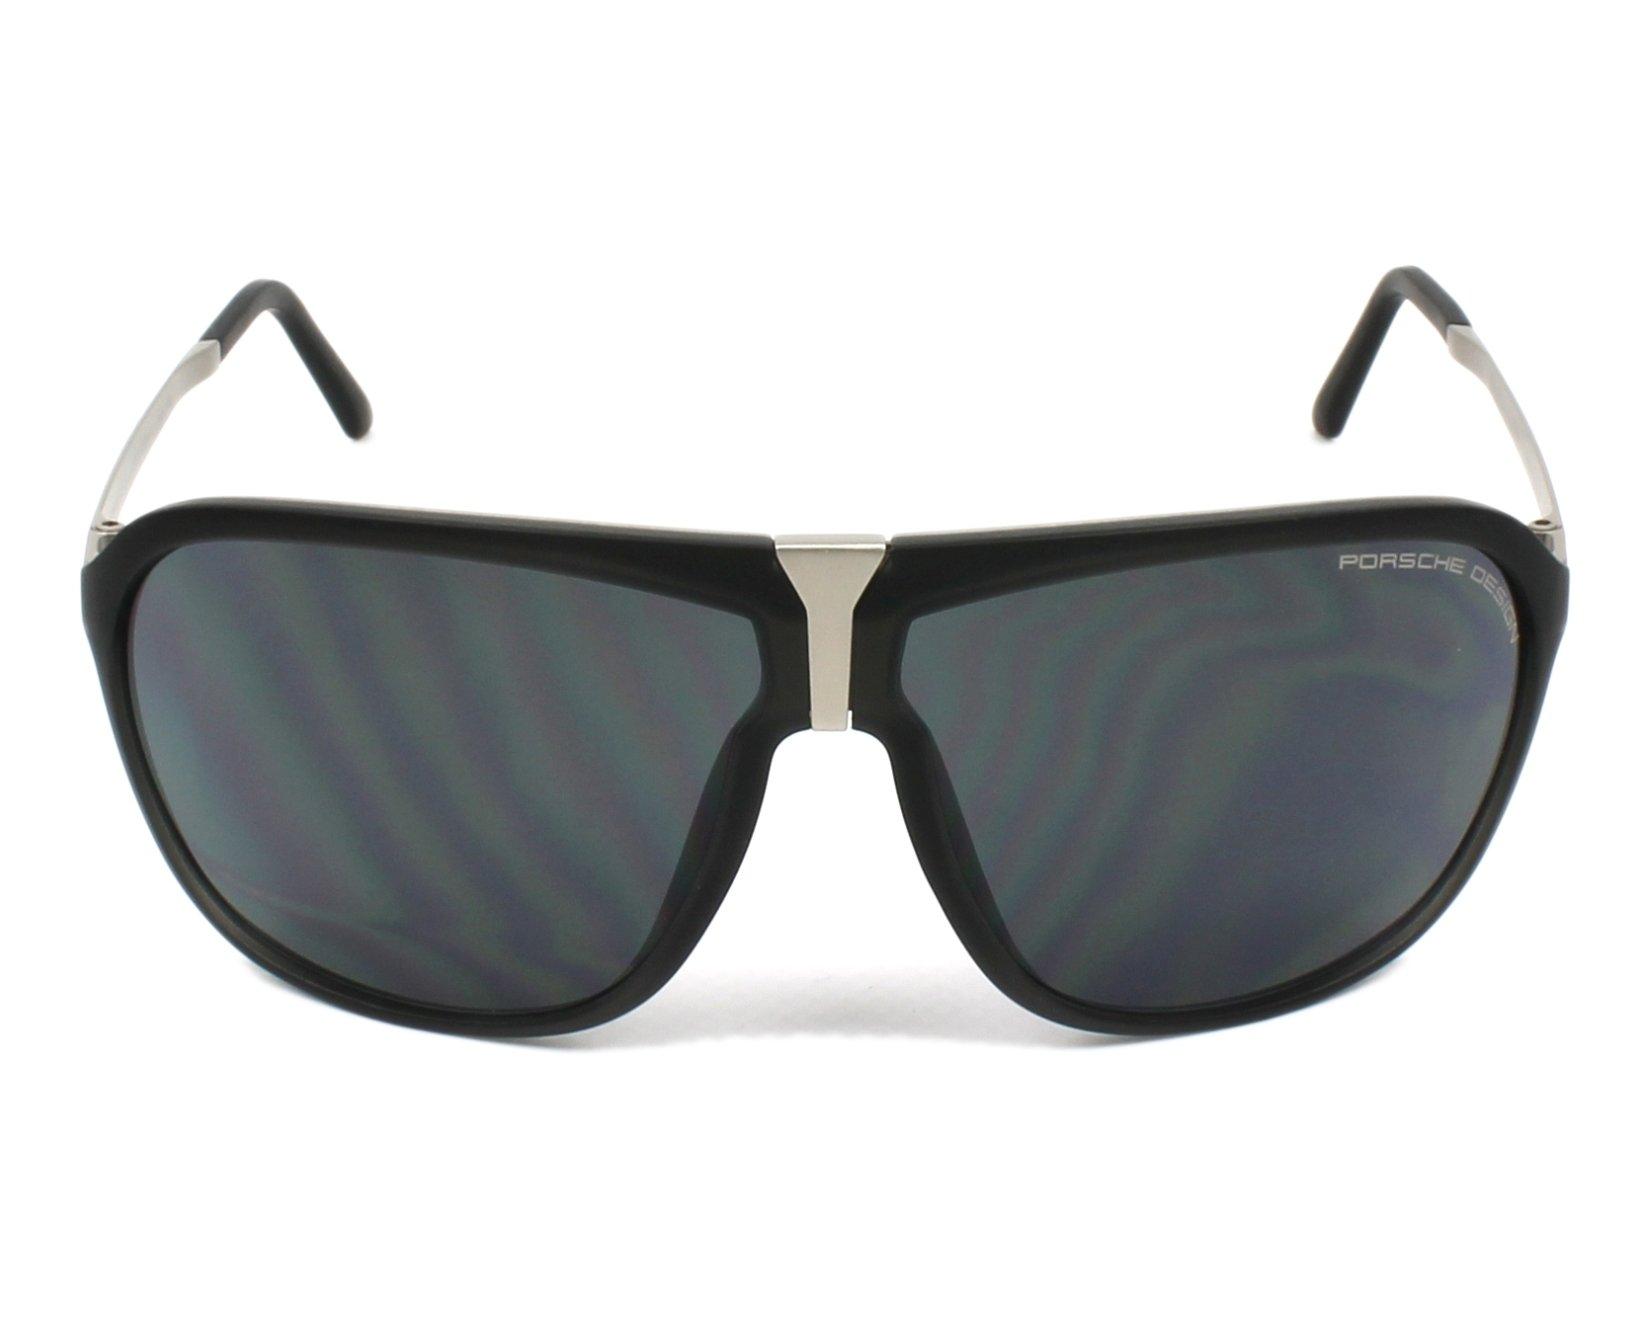 lunettes de soleil porsche design p 8618 a noir avec des verres bleu gris pour hommes. Black Bedroom Furniture Sets. Home Design Ideas